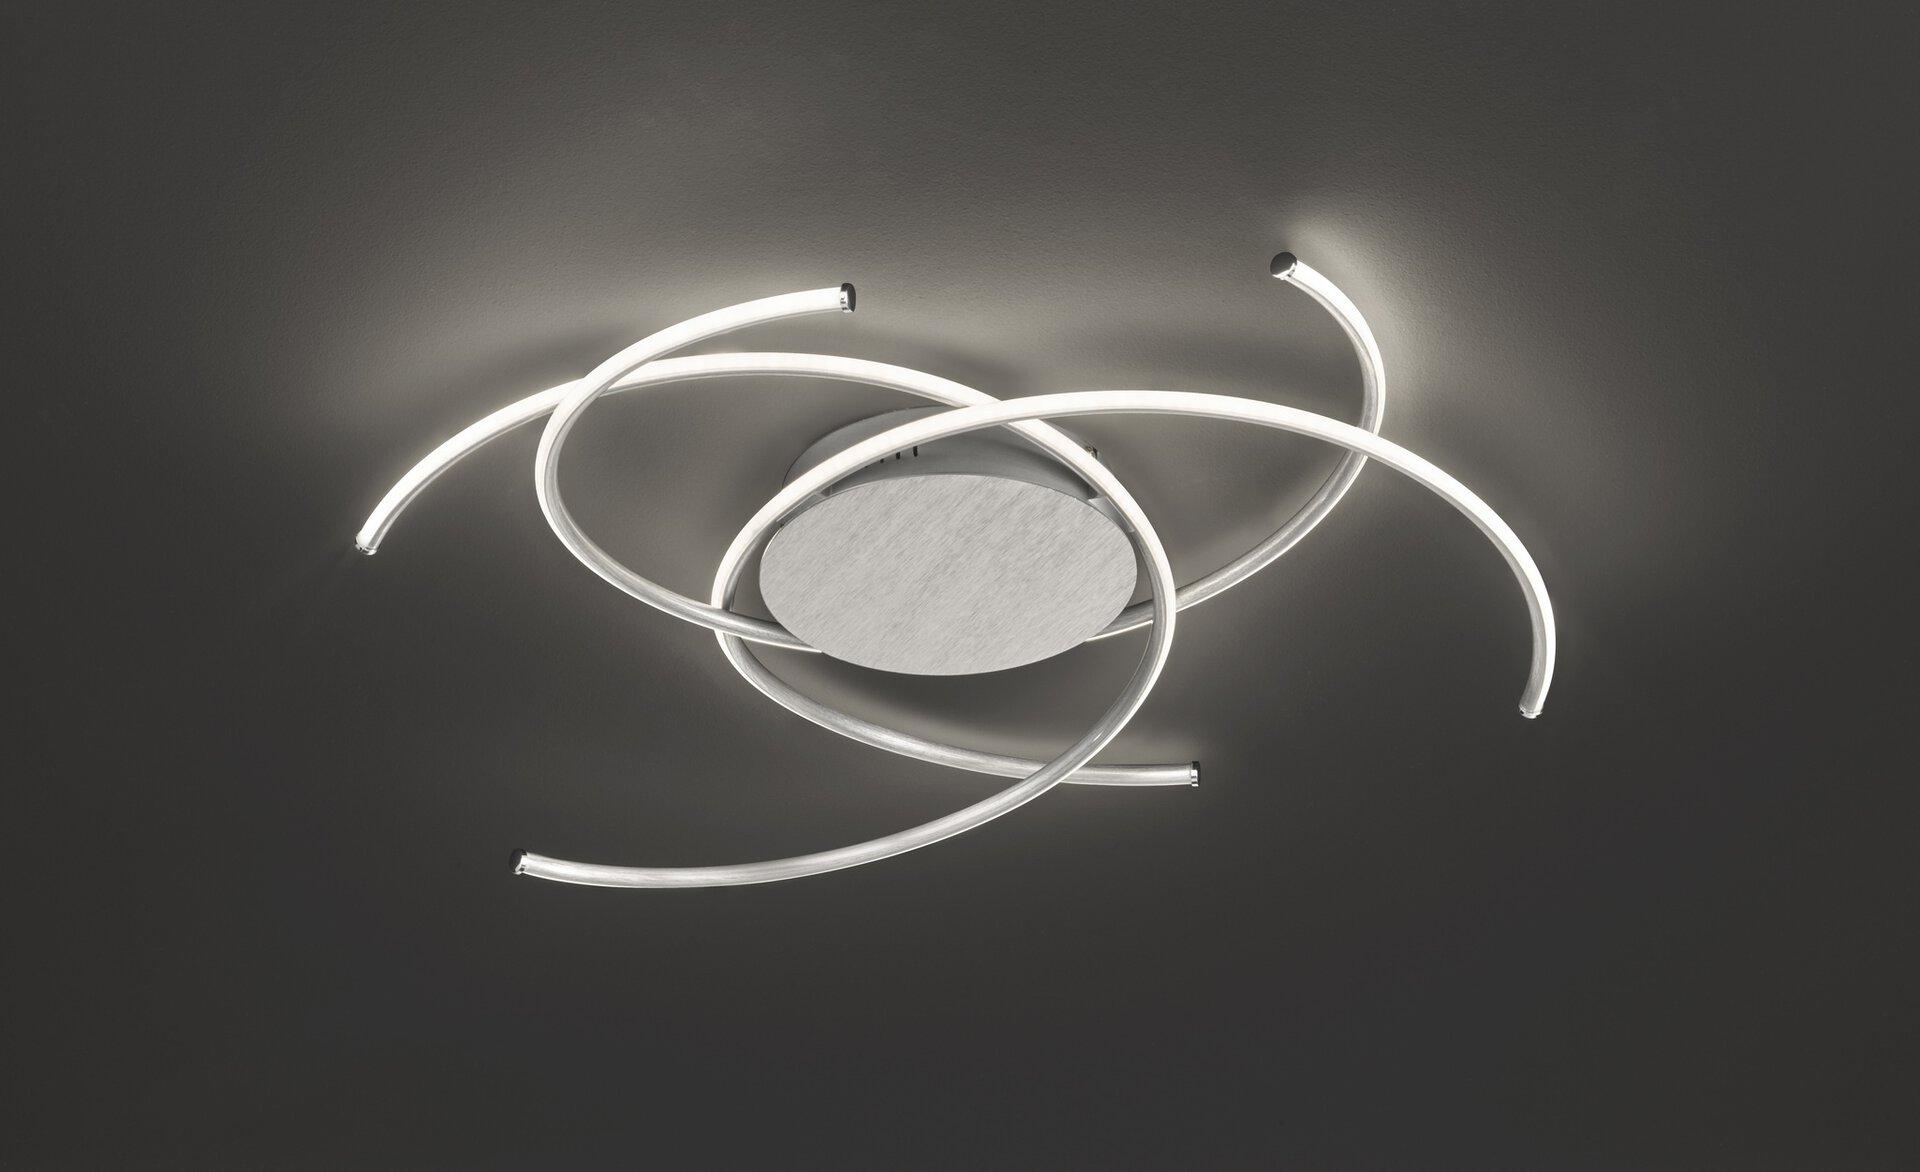 Deckenleuchte Juls Wofi Leuchten Metall silber 71 x 16 x 71 cm